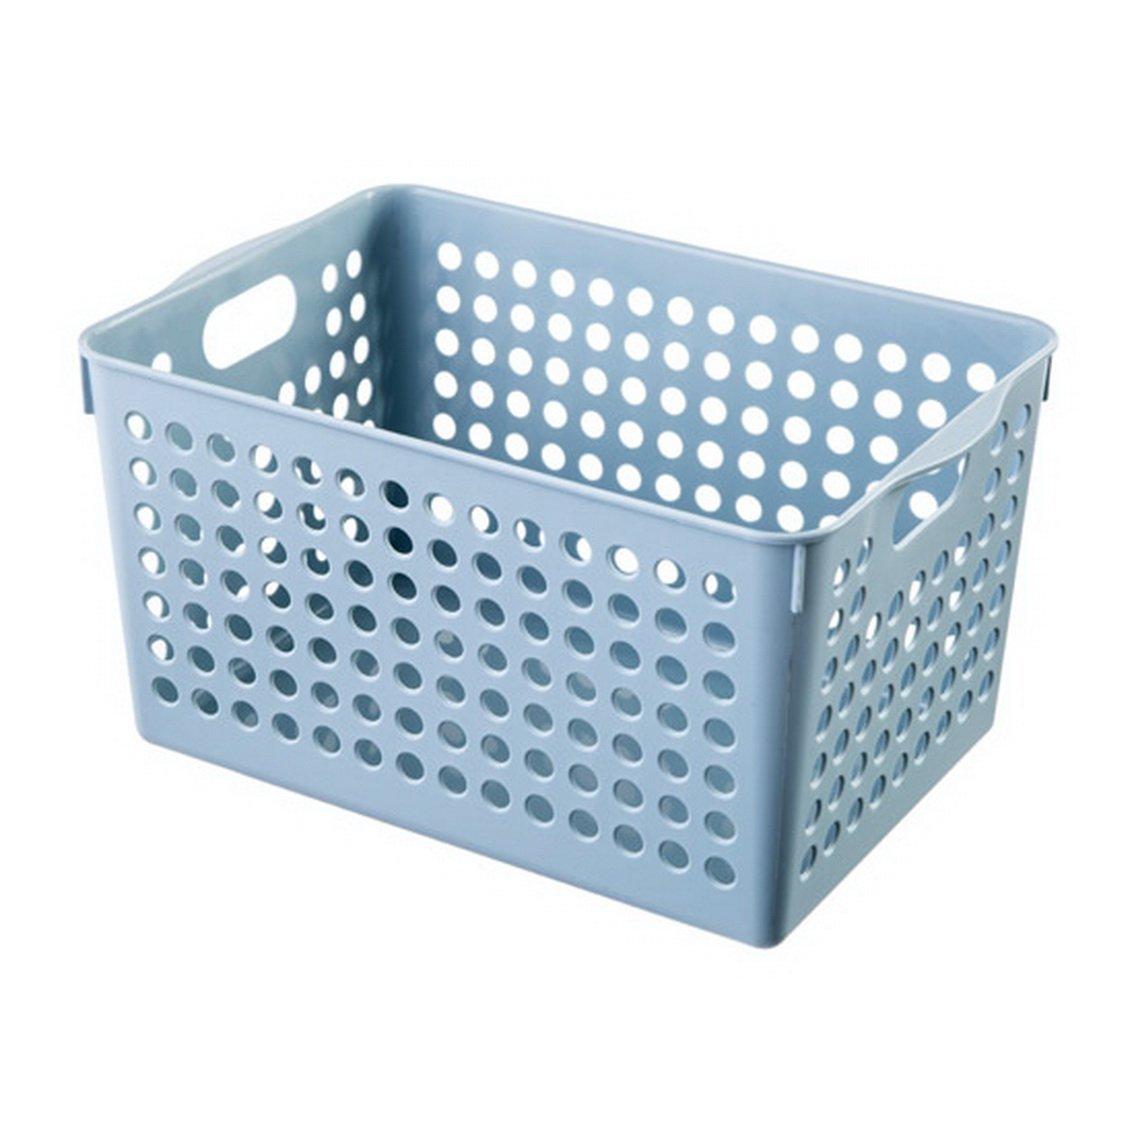 fengg2030shann Plastic storage baskets kitchen hollow storage baskets bathroom shower basket desktop storage box storage box. Storage basket bathroom basket storage basket storage basket basket stora